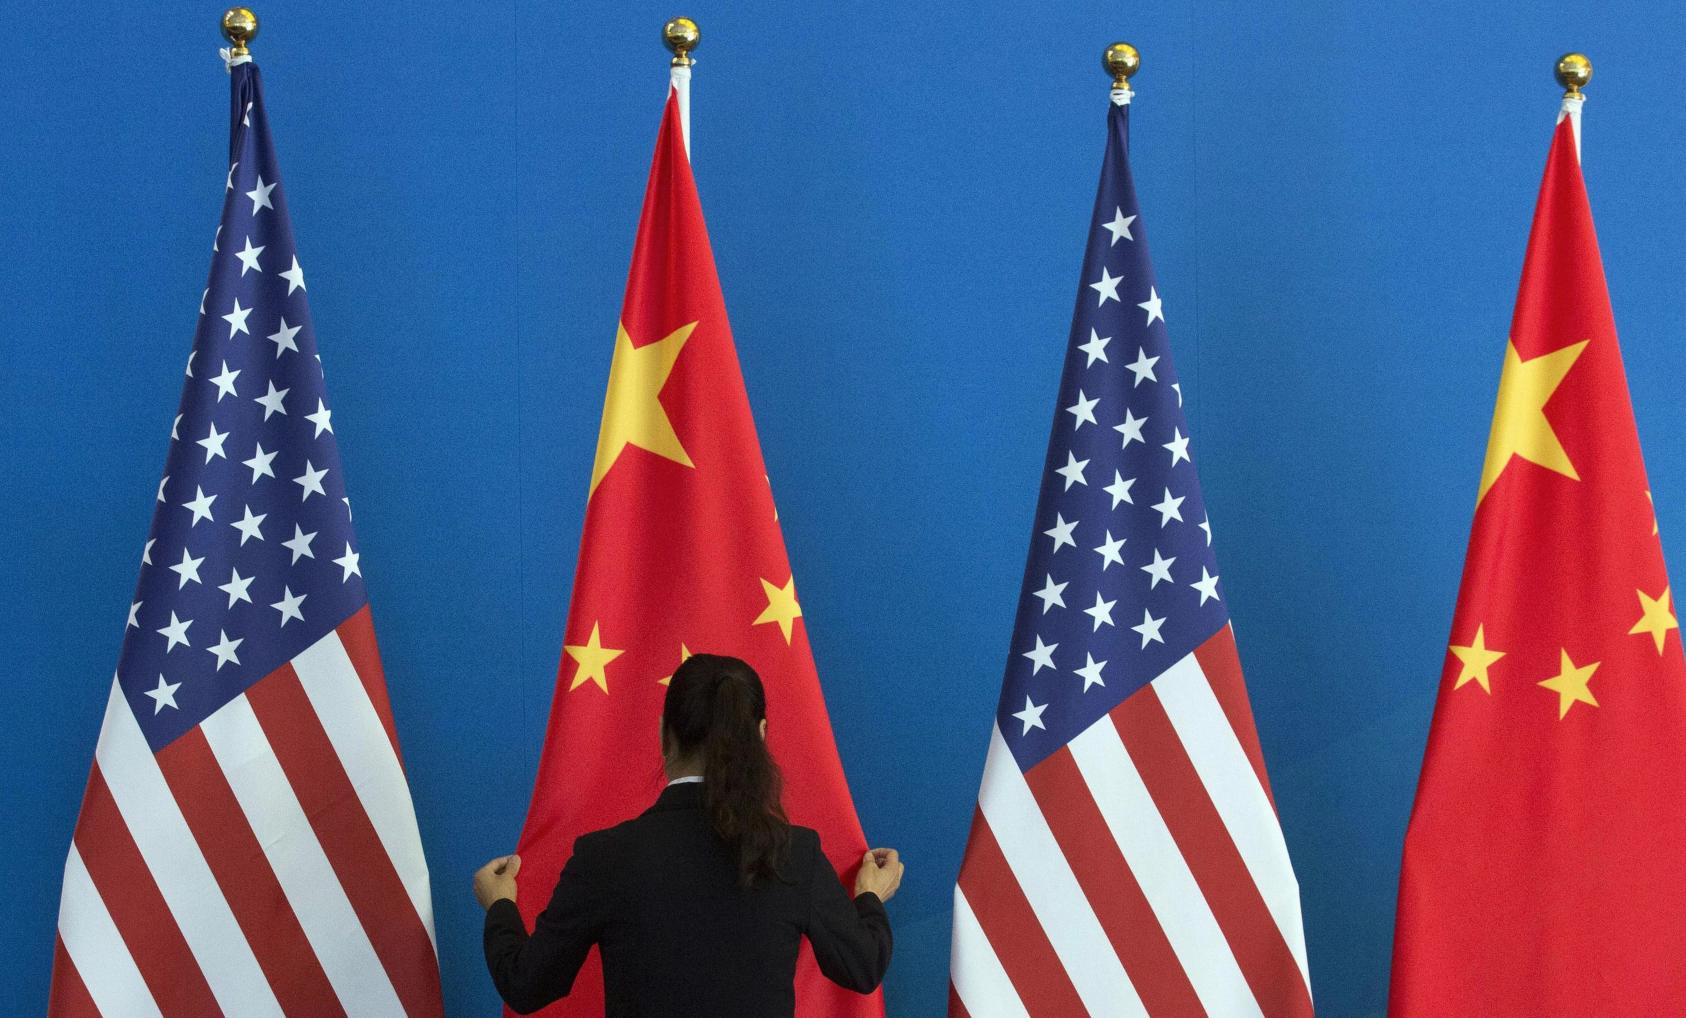 Thỏa thuận thương mại với Trung Cộng có thể bị dời đến sau cuộc bầu cử 2020